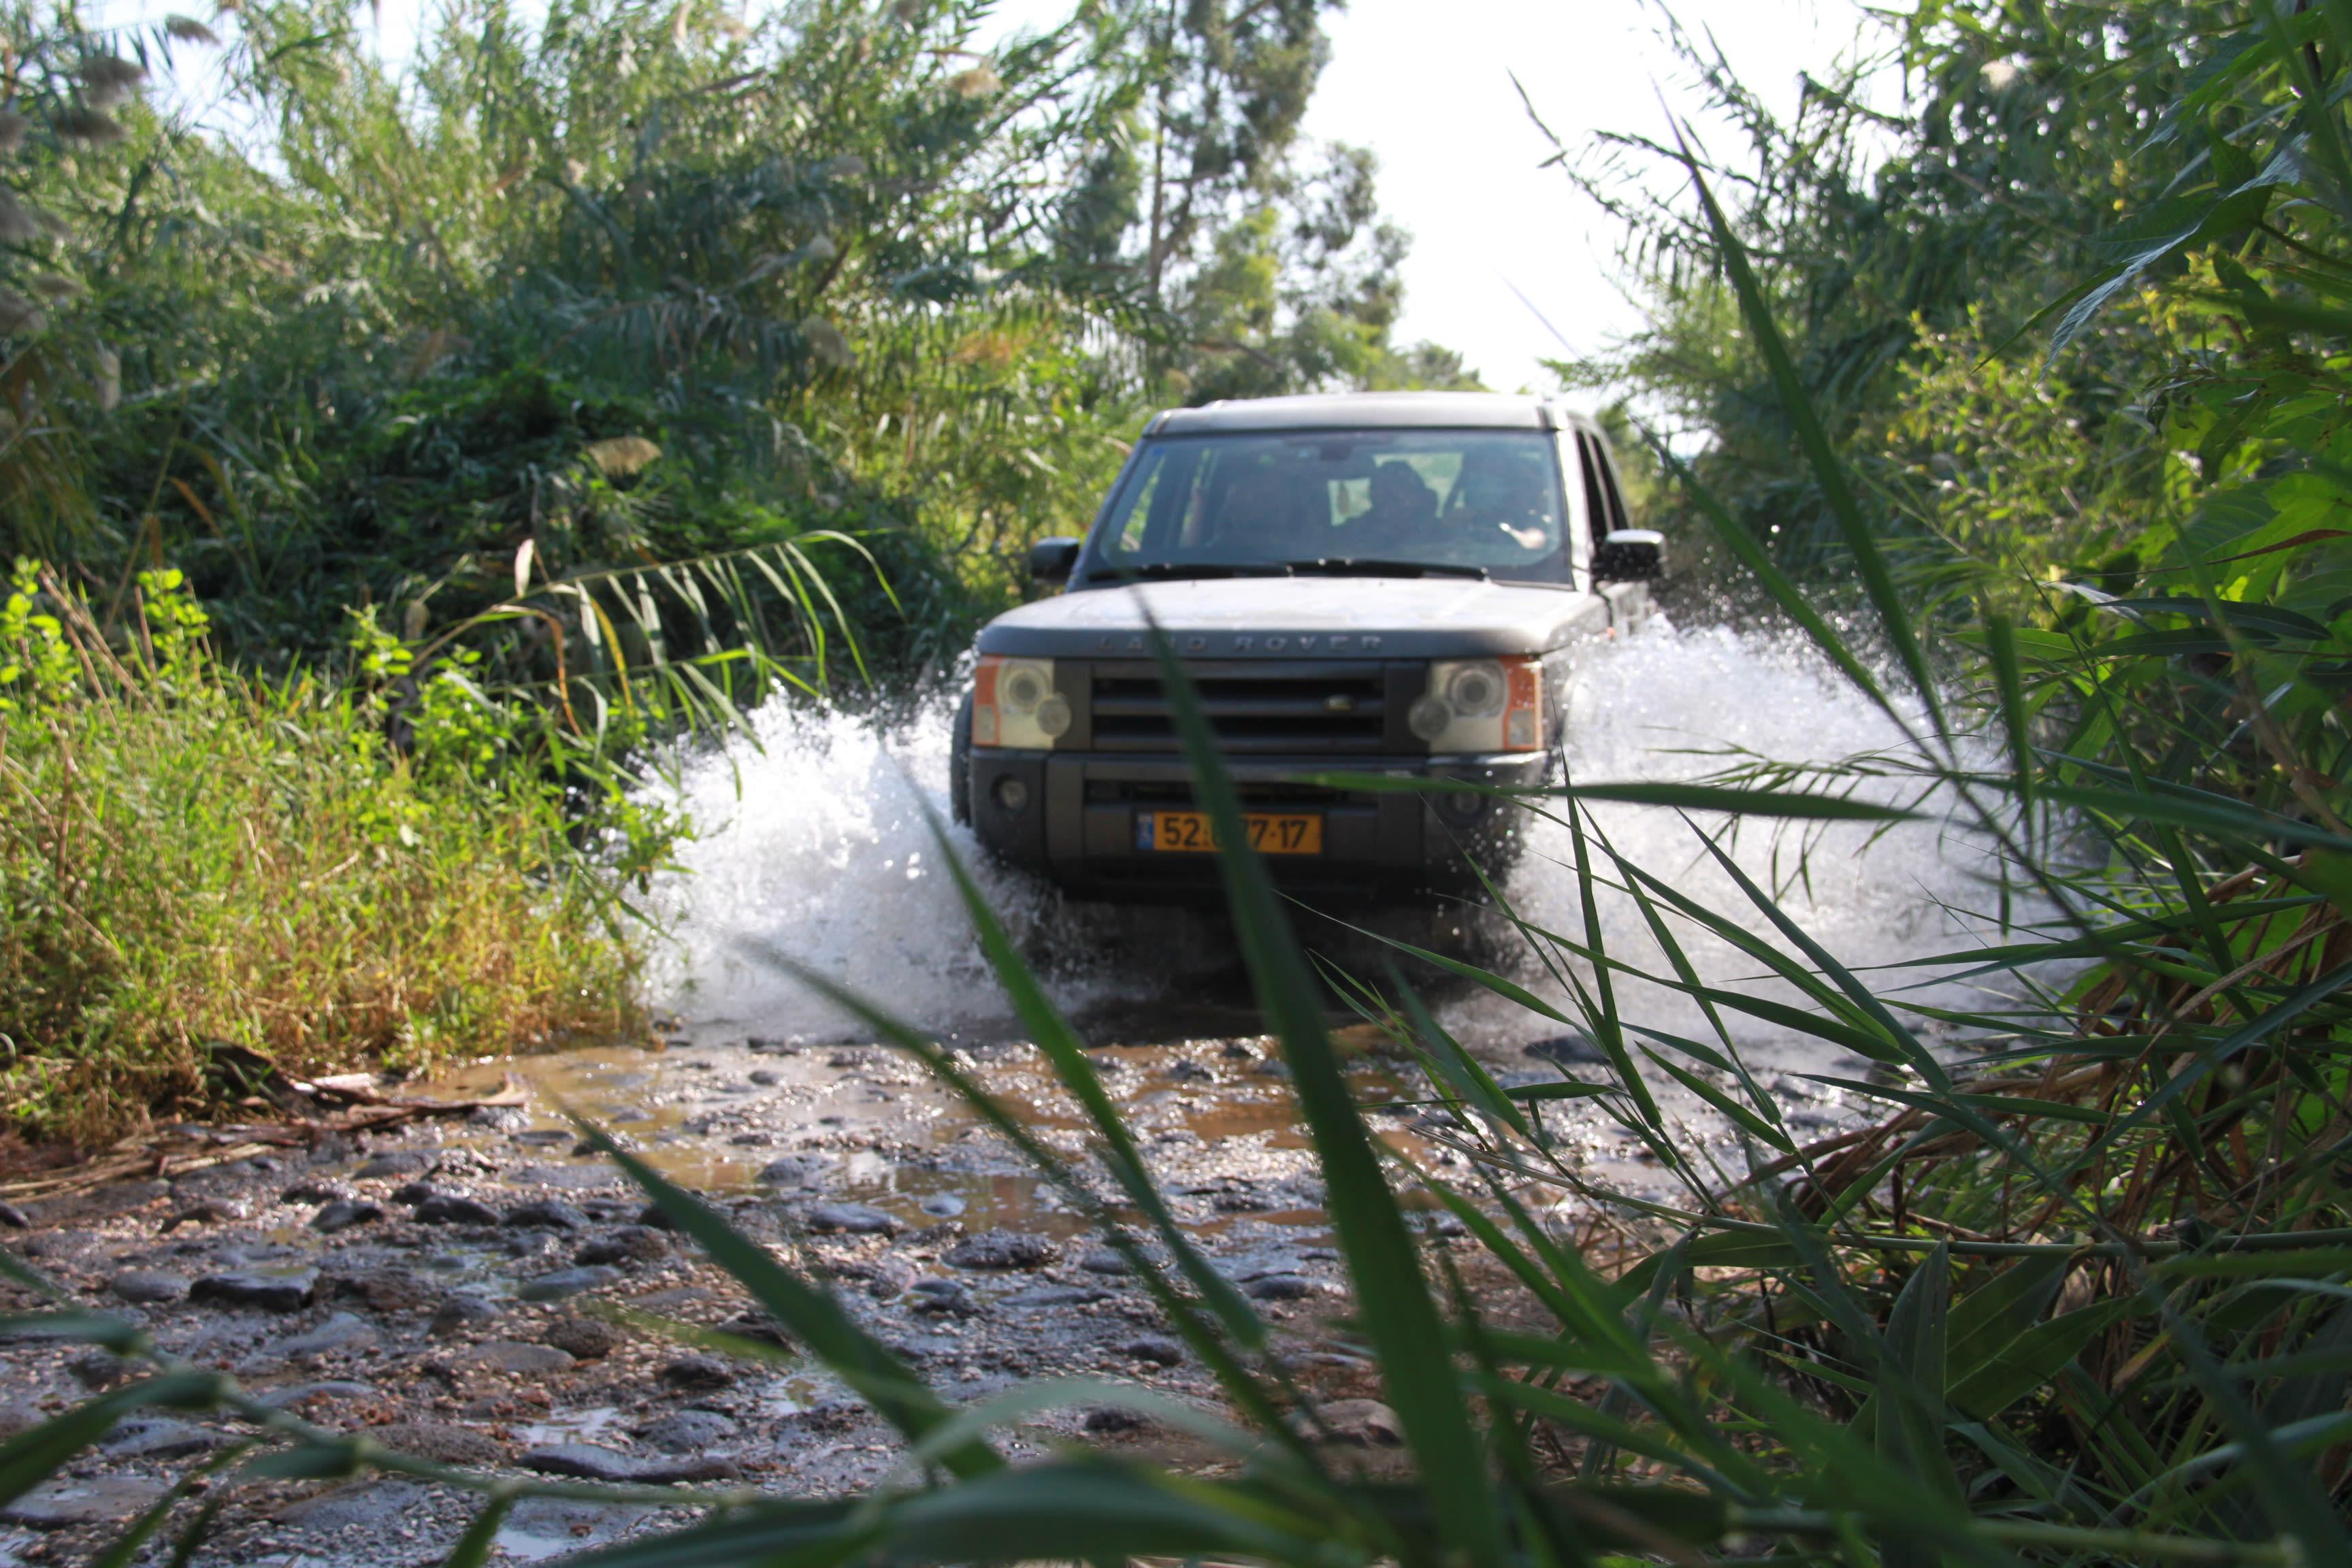 השטח מנקז 15 נחלים. ואפשר לטייל בהם גם בג'יפים מודרכים בנהיגה עצמית / צילום: אורלי גינוסר